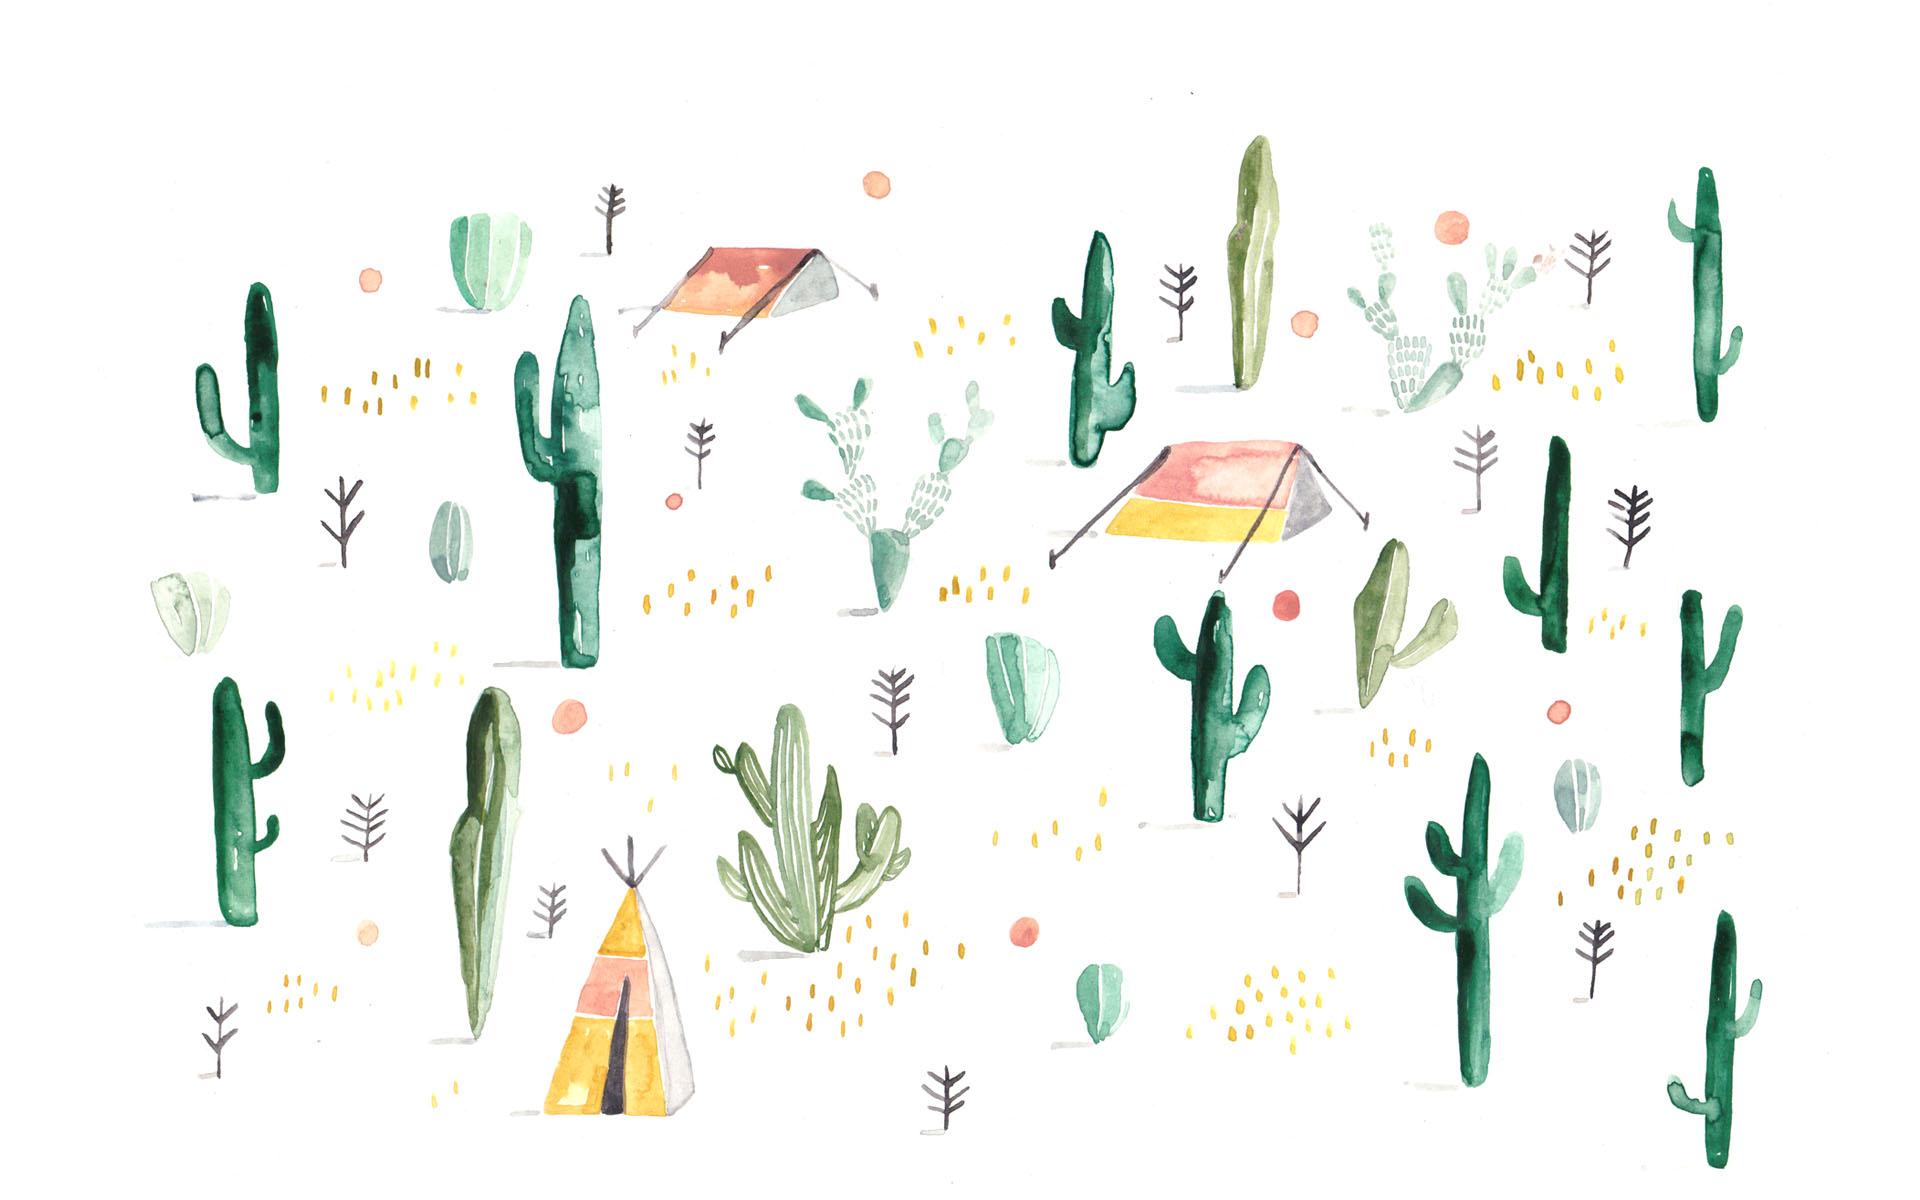 Wallpaper von Sarah Neuendorf für herzundblut.com